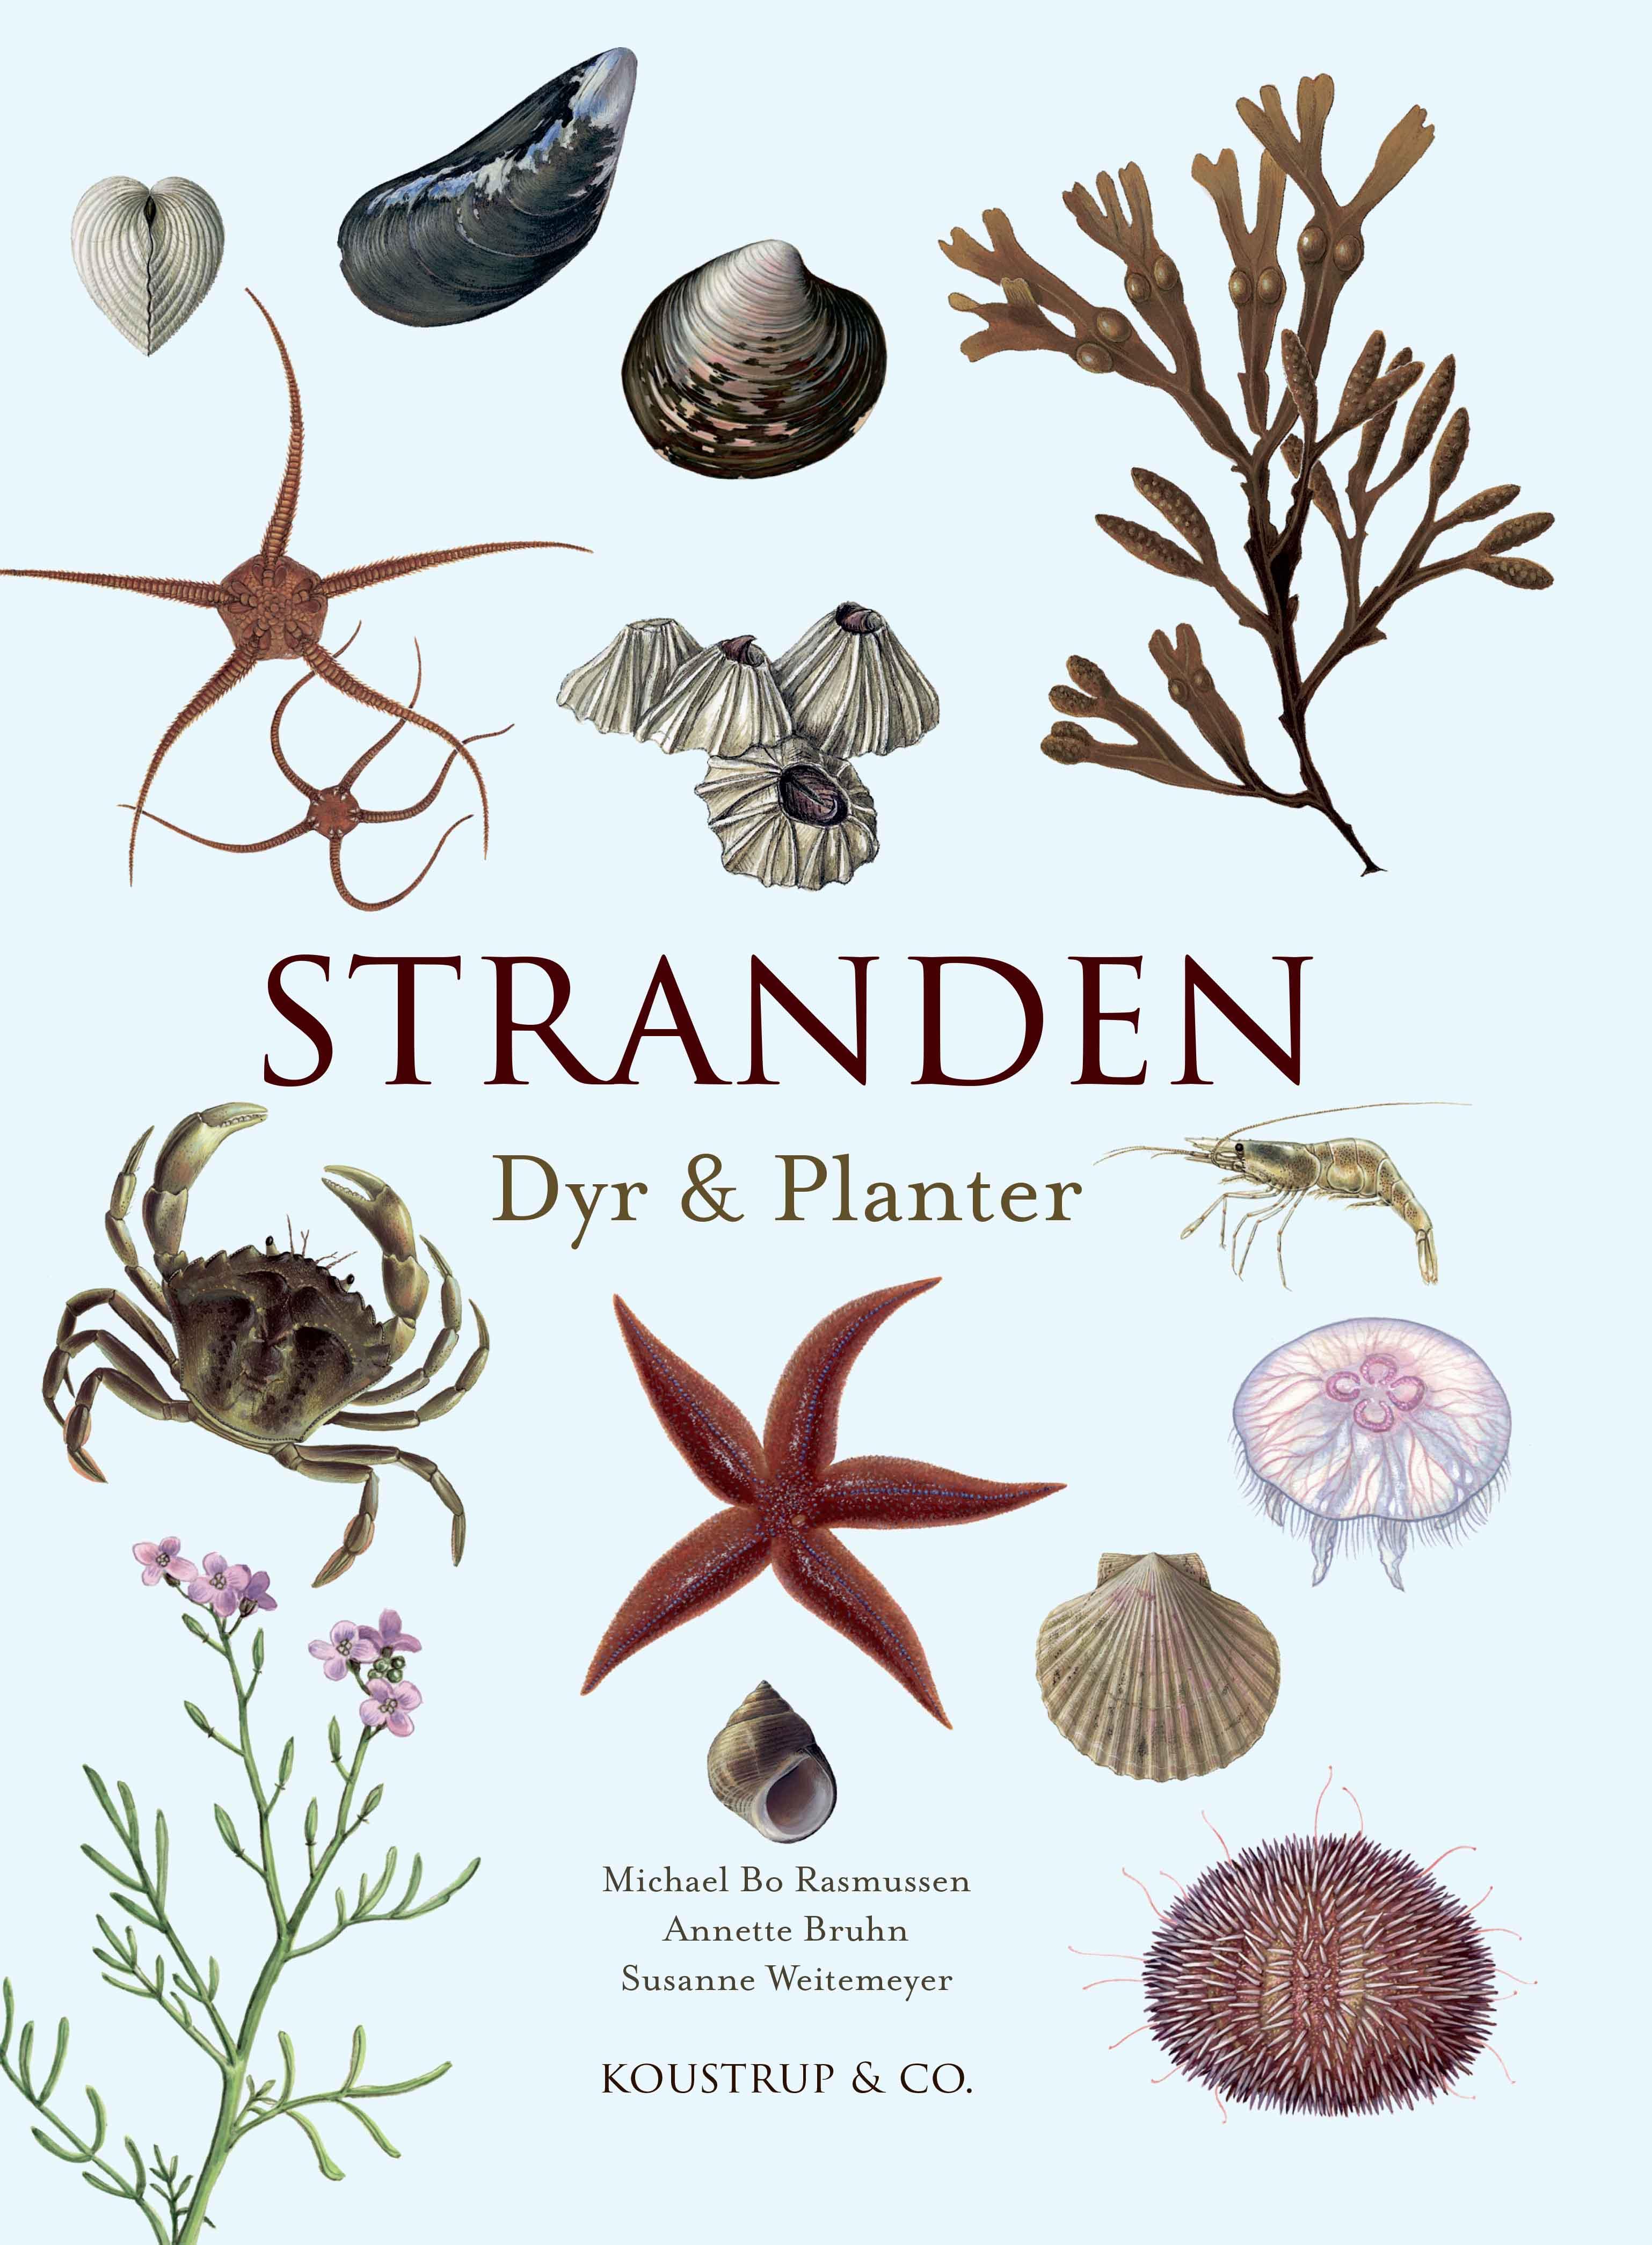 Stranden - Annette Bruhn Michael Bo Rasmussen - Bøger - KOUSTRUP & CO - 9788793159570 - April 20, 2021